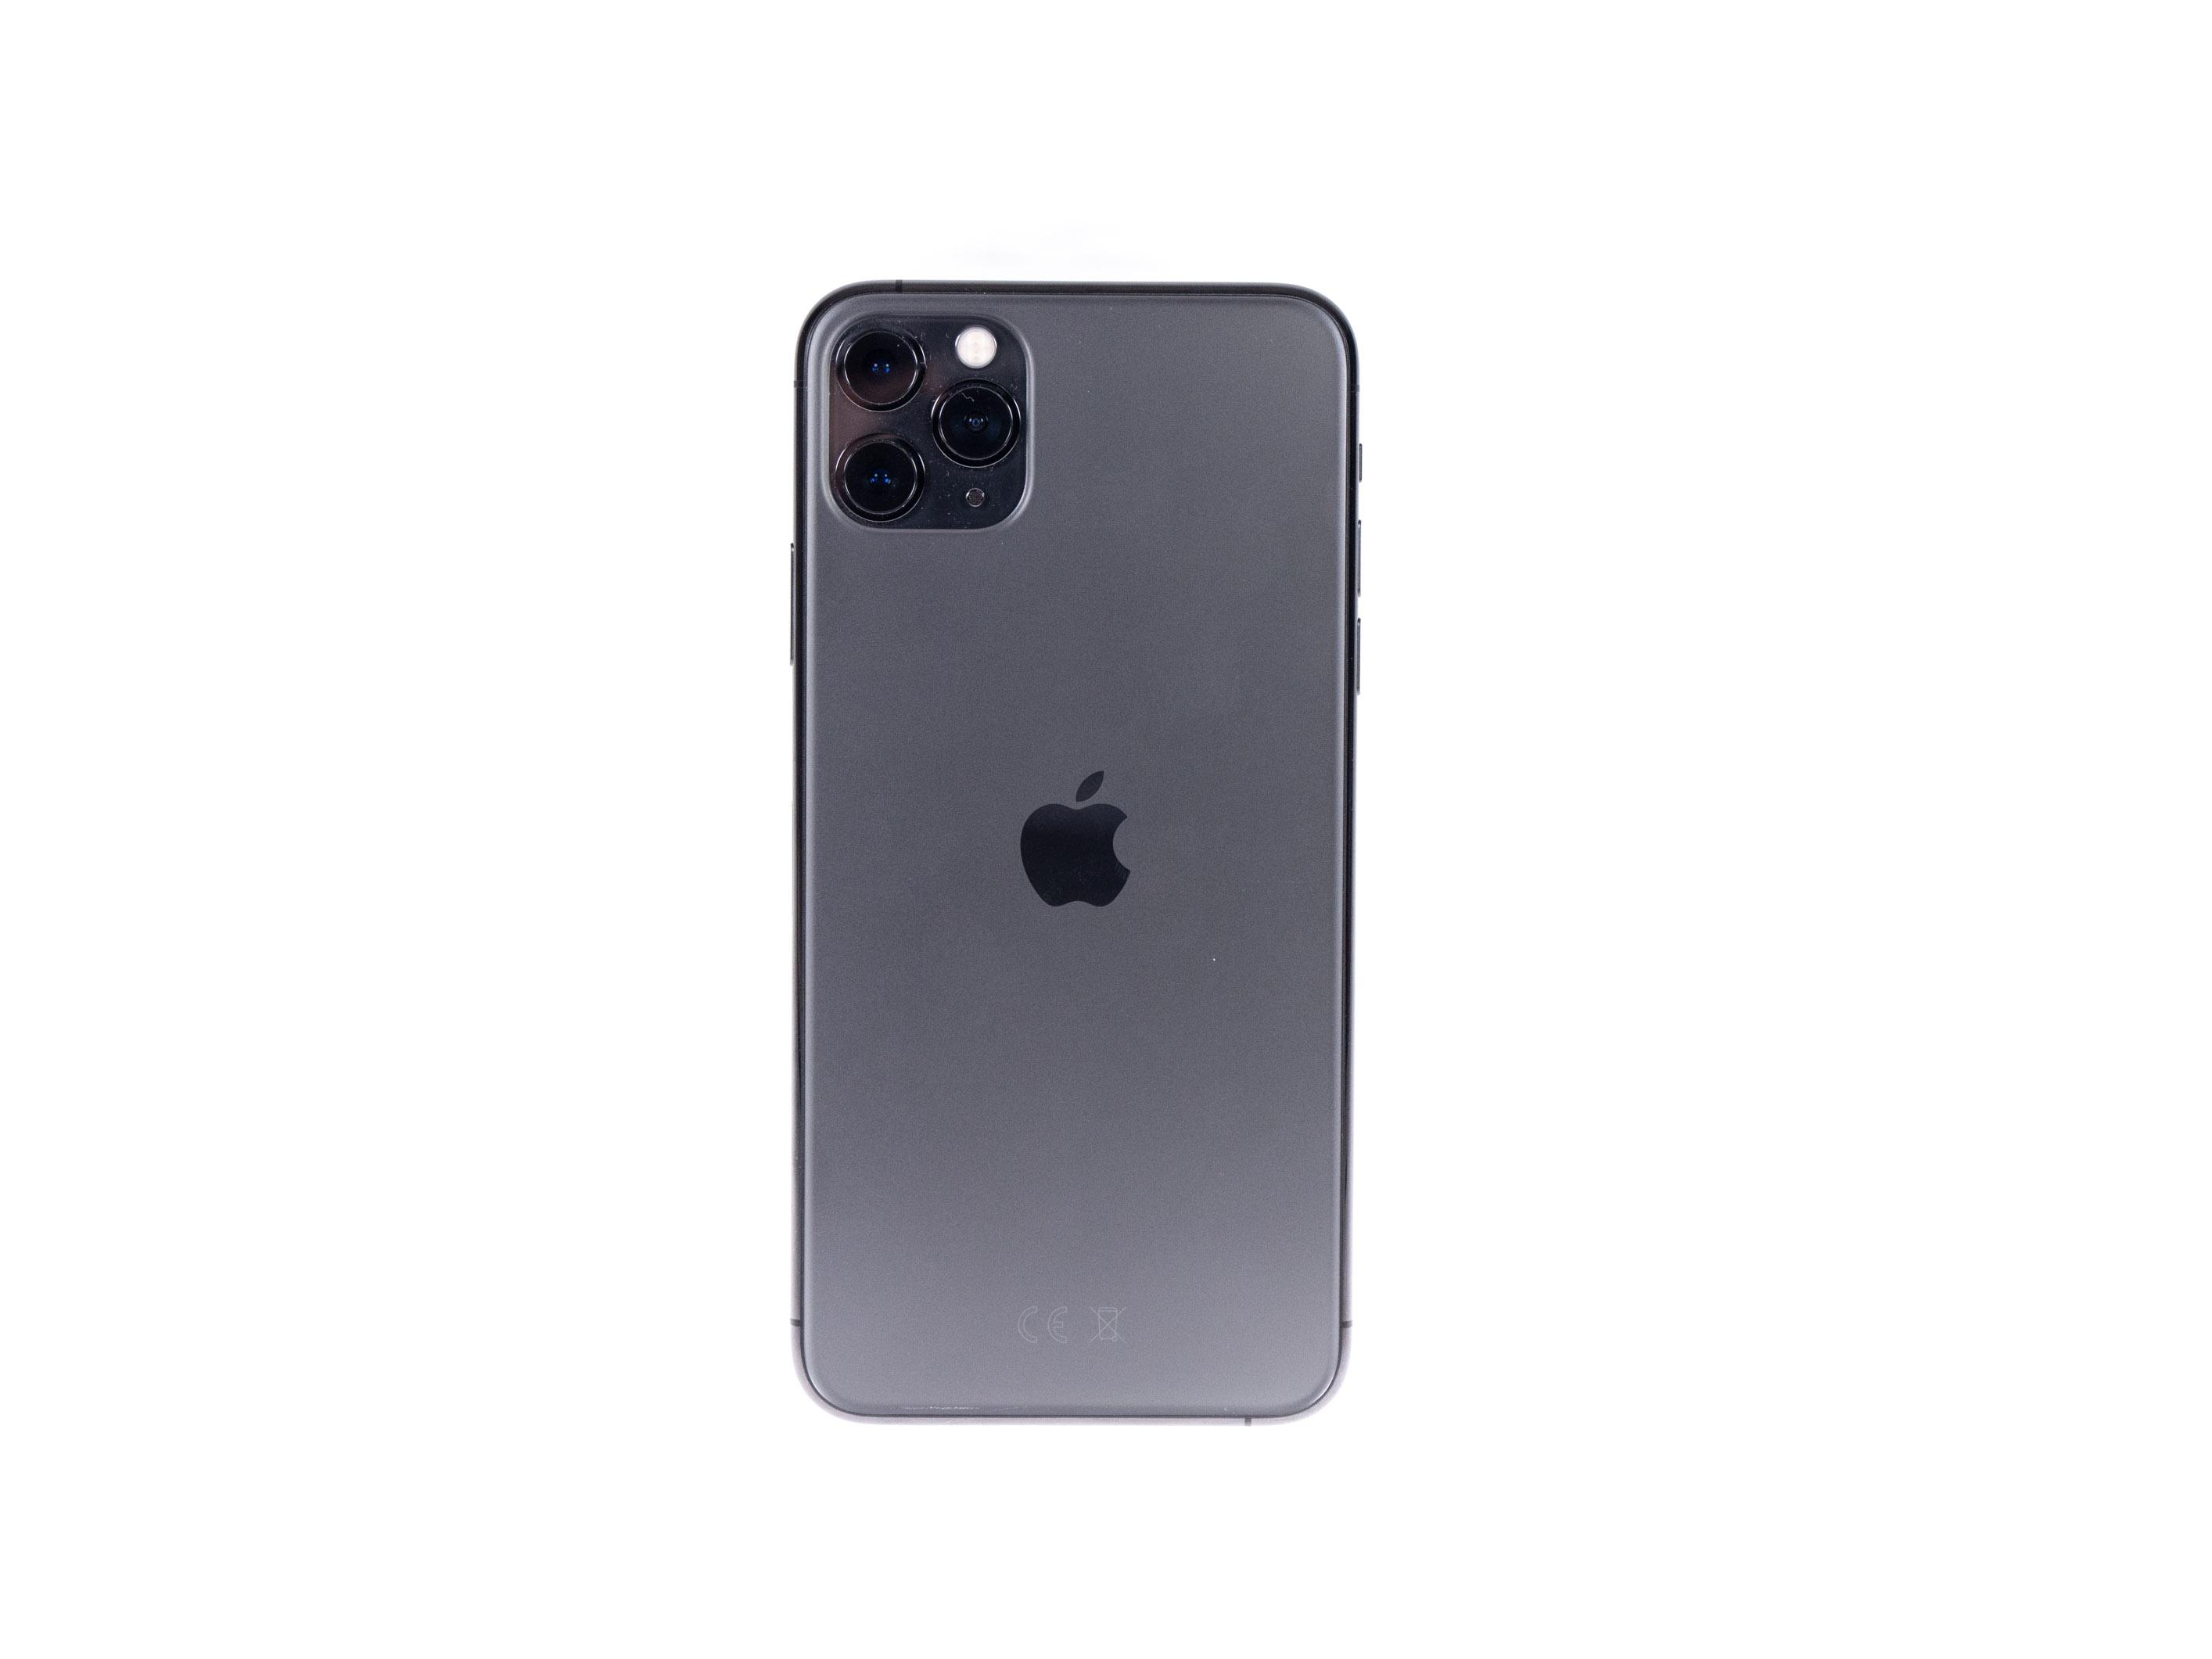 iPhone 11 Pro Max im Test: Starke Kamera und Akku für den ganzen Tag - Eines der Highlights des neuen iPhones ist die Dreifachkamera. (Bild: Martin Wolf/Golem.de)